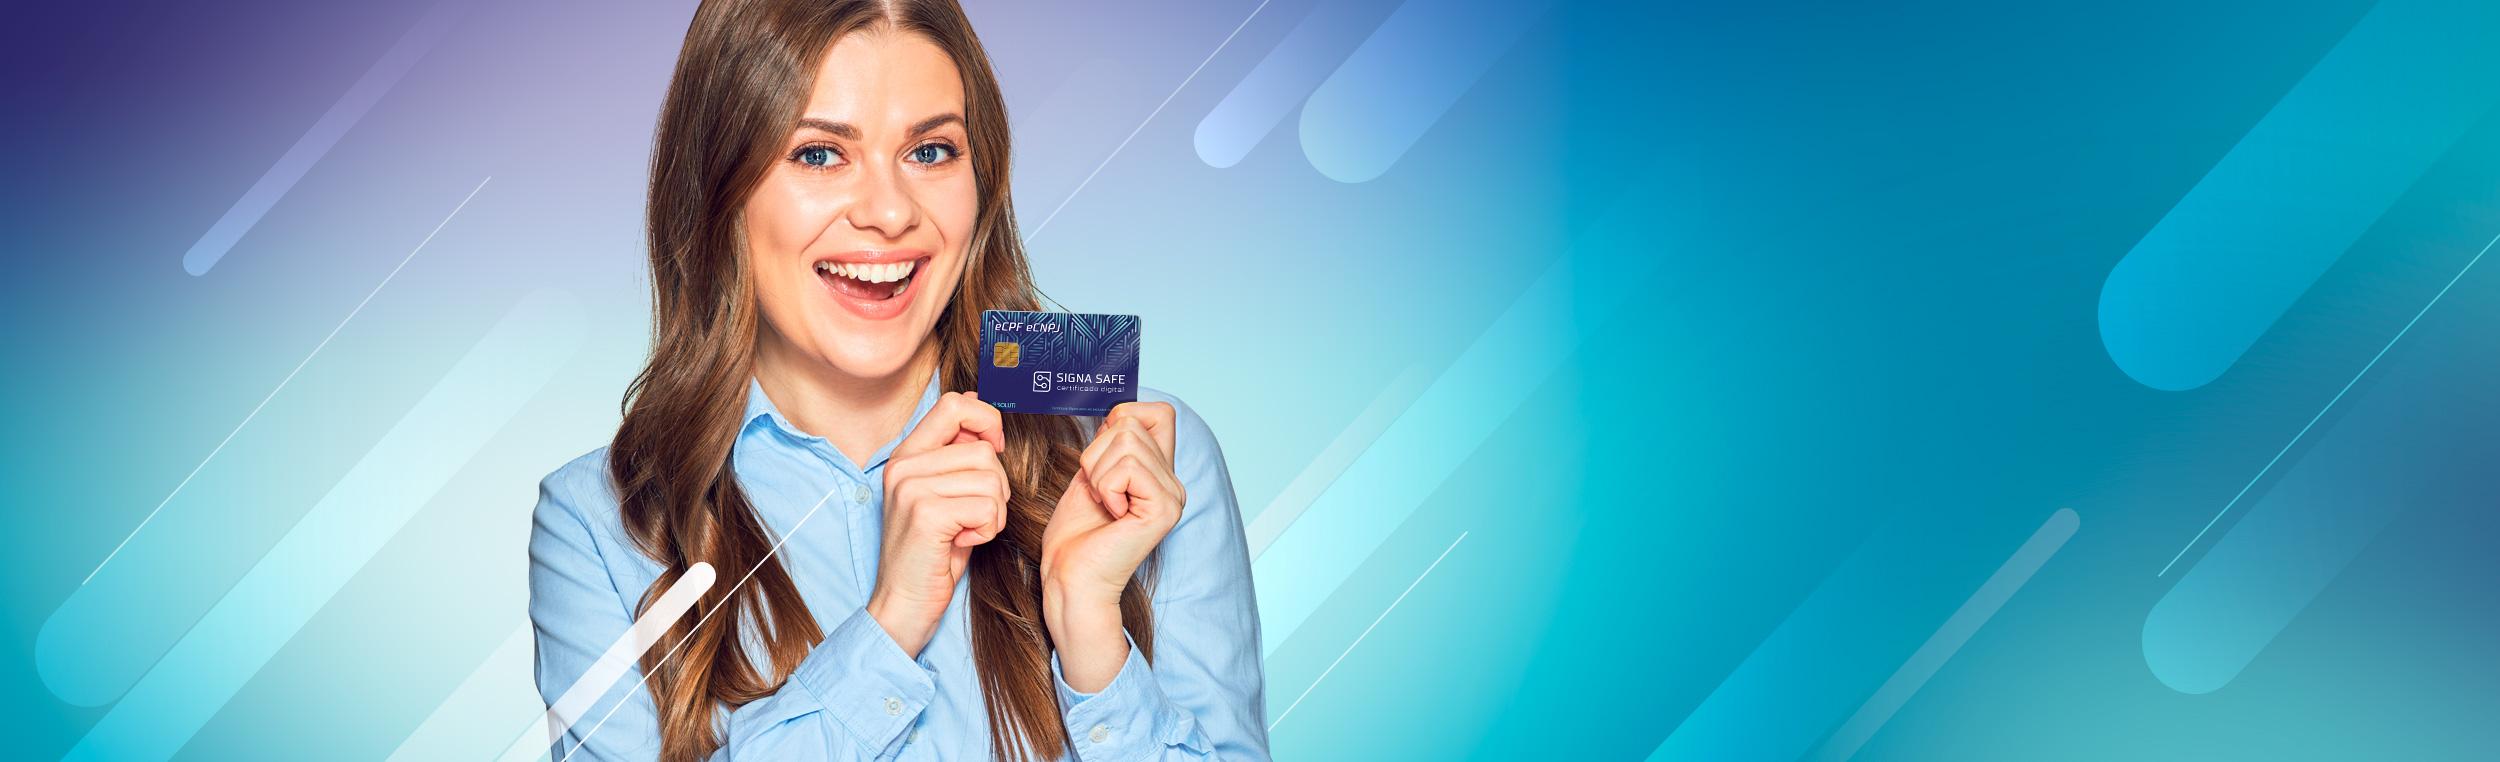 Promoção Certificado Digital eCPF por R$ 149,90 validade 12 meses